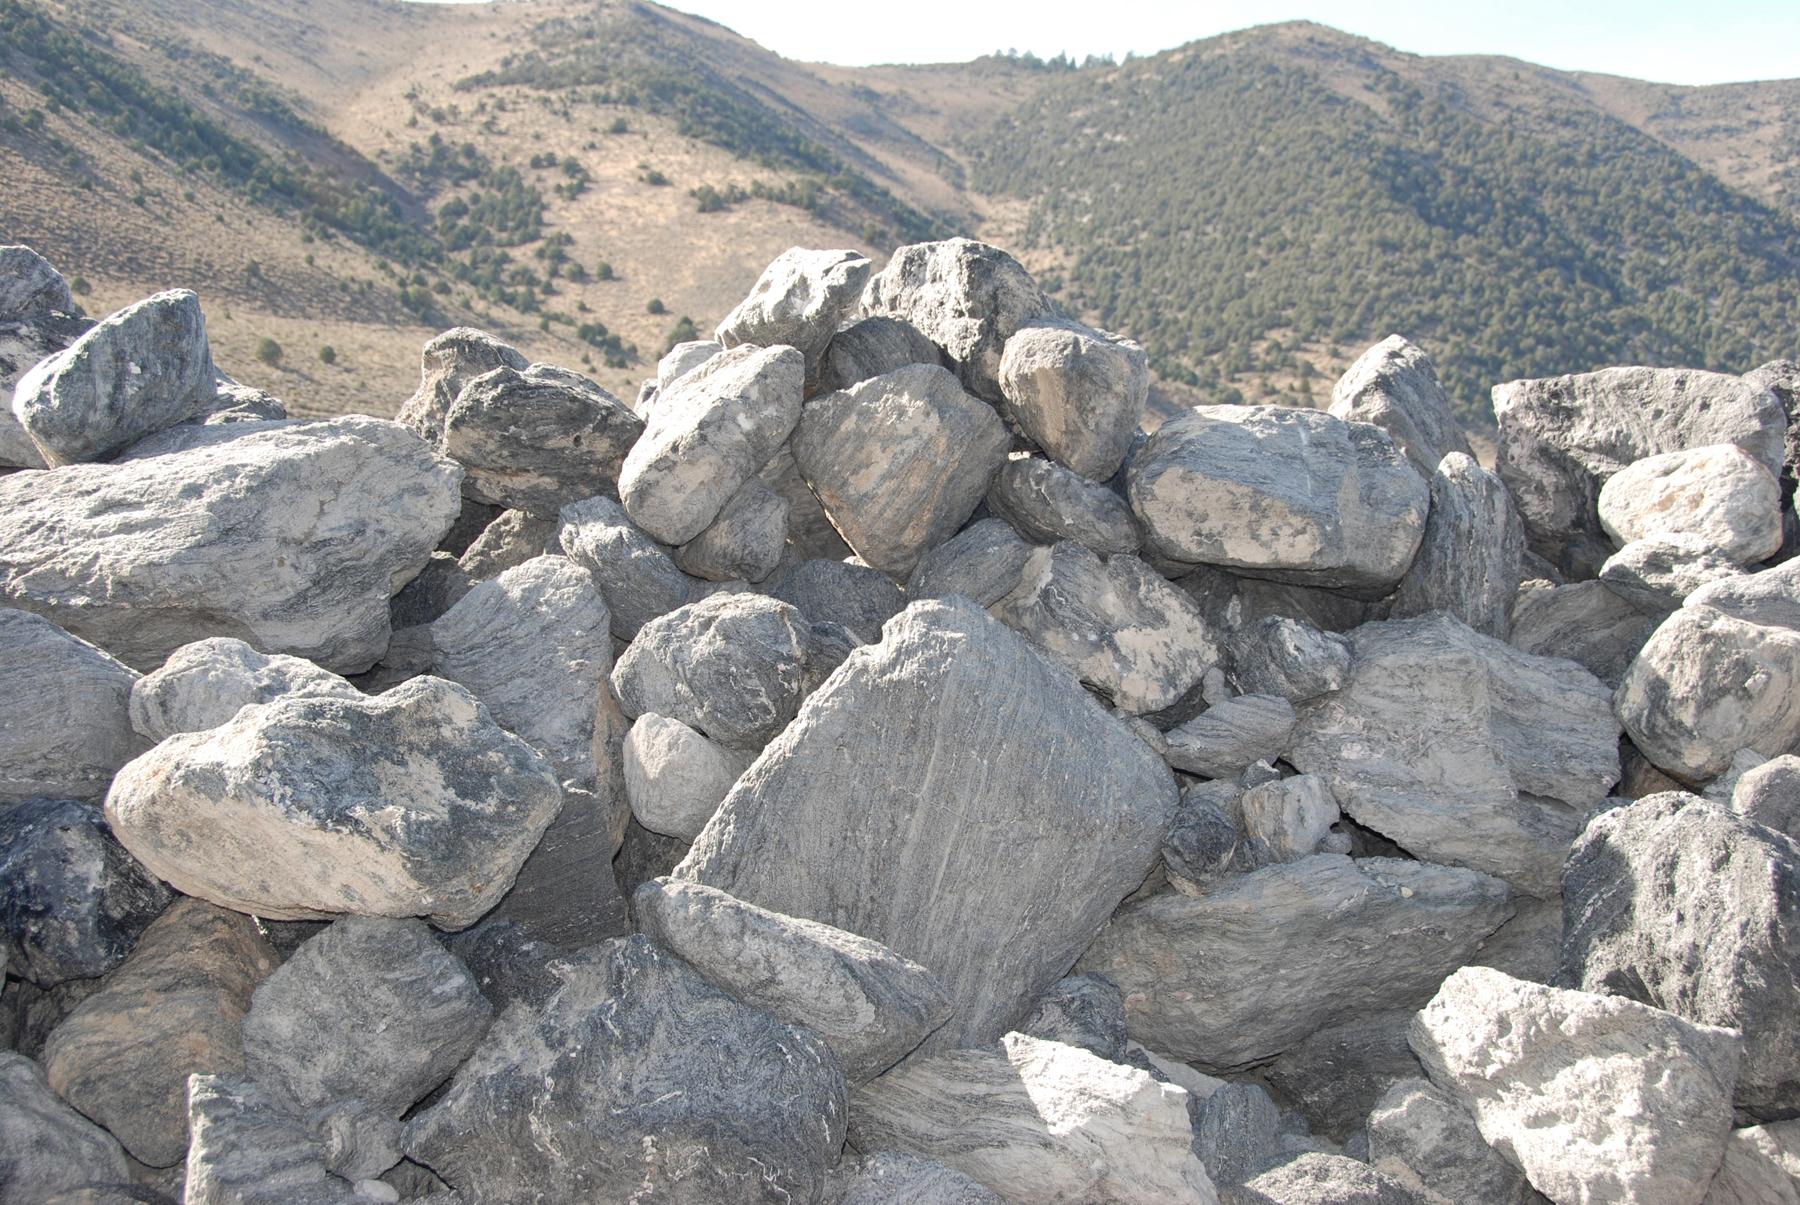 Rock piles!